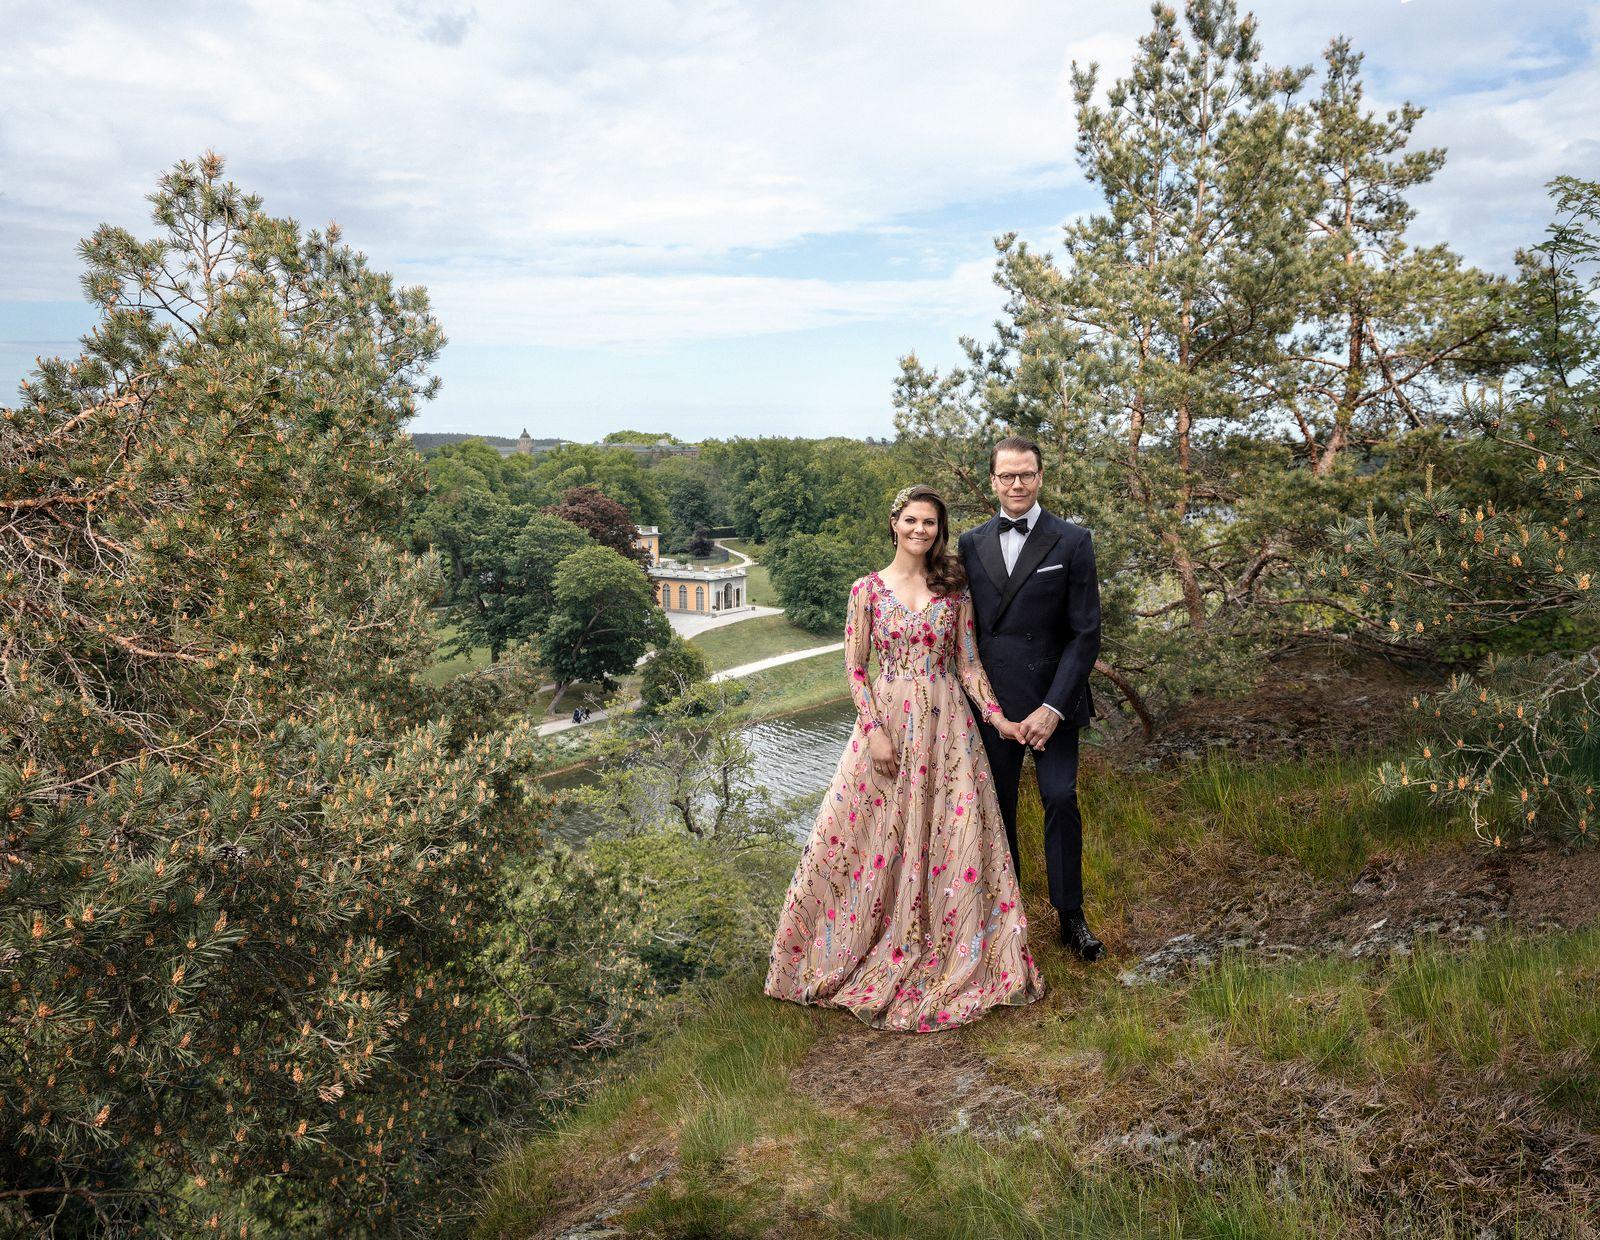 Inför Kronprinsessparets 10-åriga bröllopsdag har fotografen Elisabeth Toll fotograferat Kronprinsessan och Prins Daniel för nya officiella porträtt.